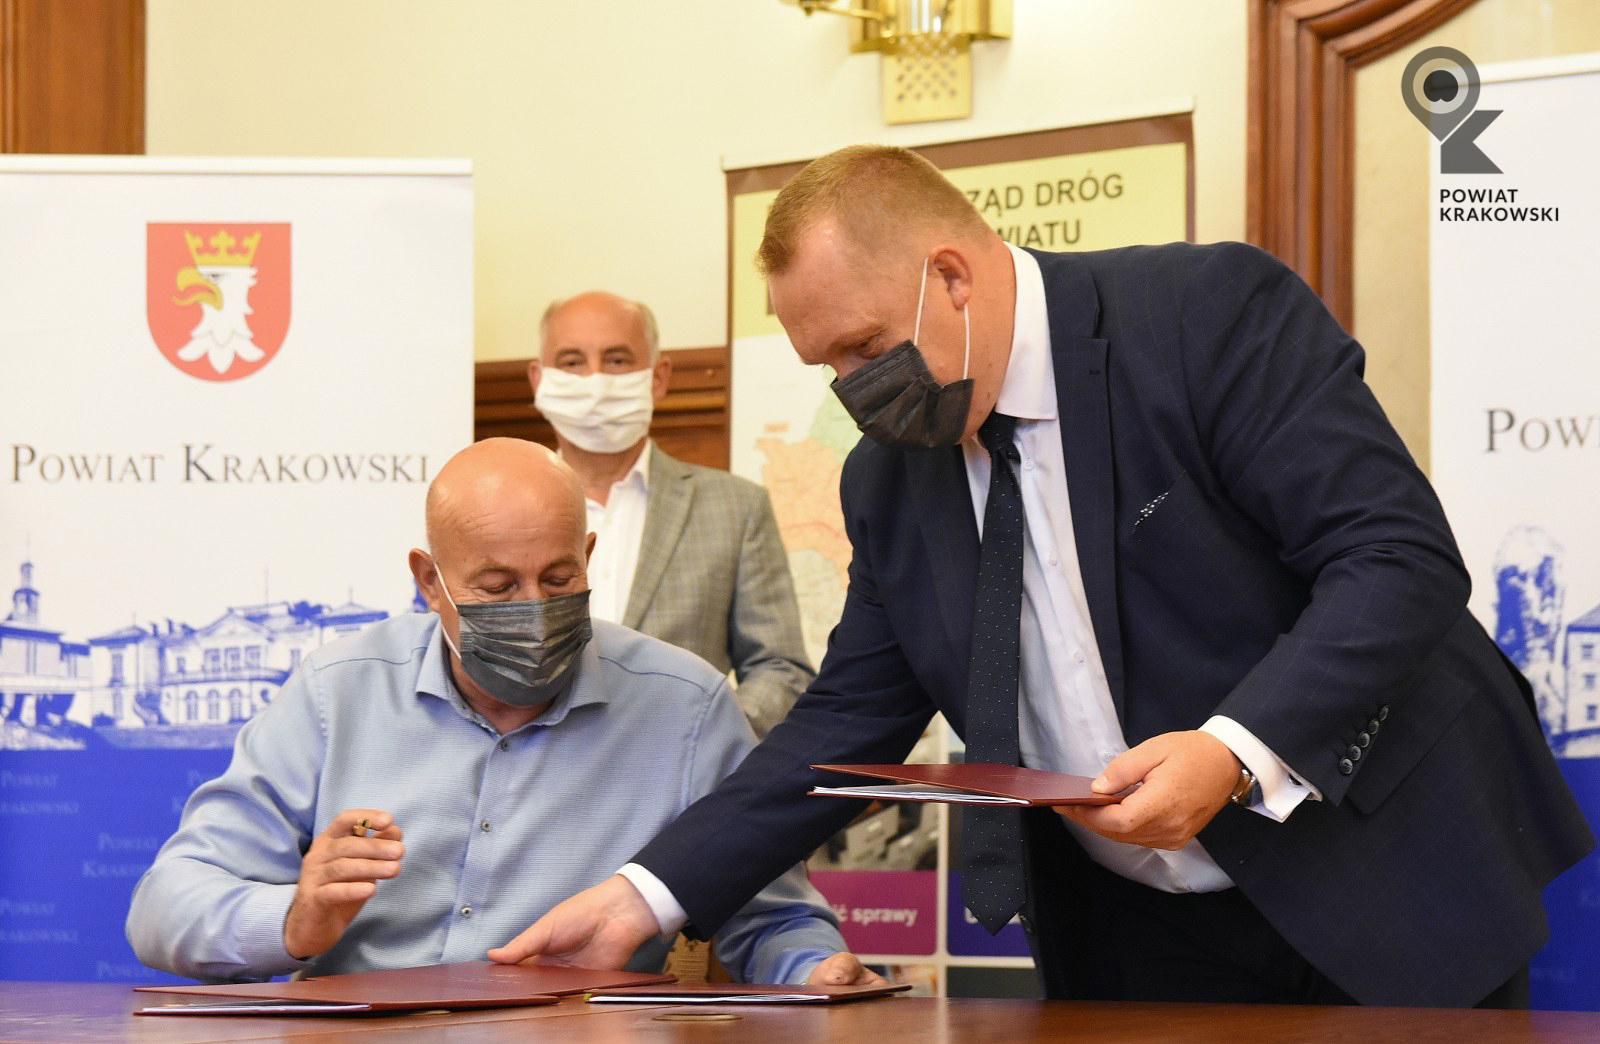 Podpisanie umowy w Starostwie Powiatowym w Krakowie 2